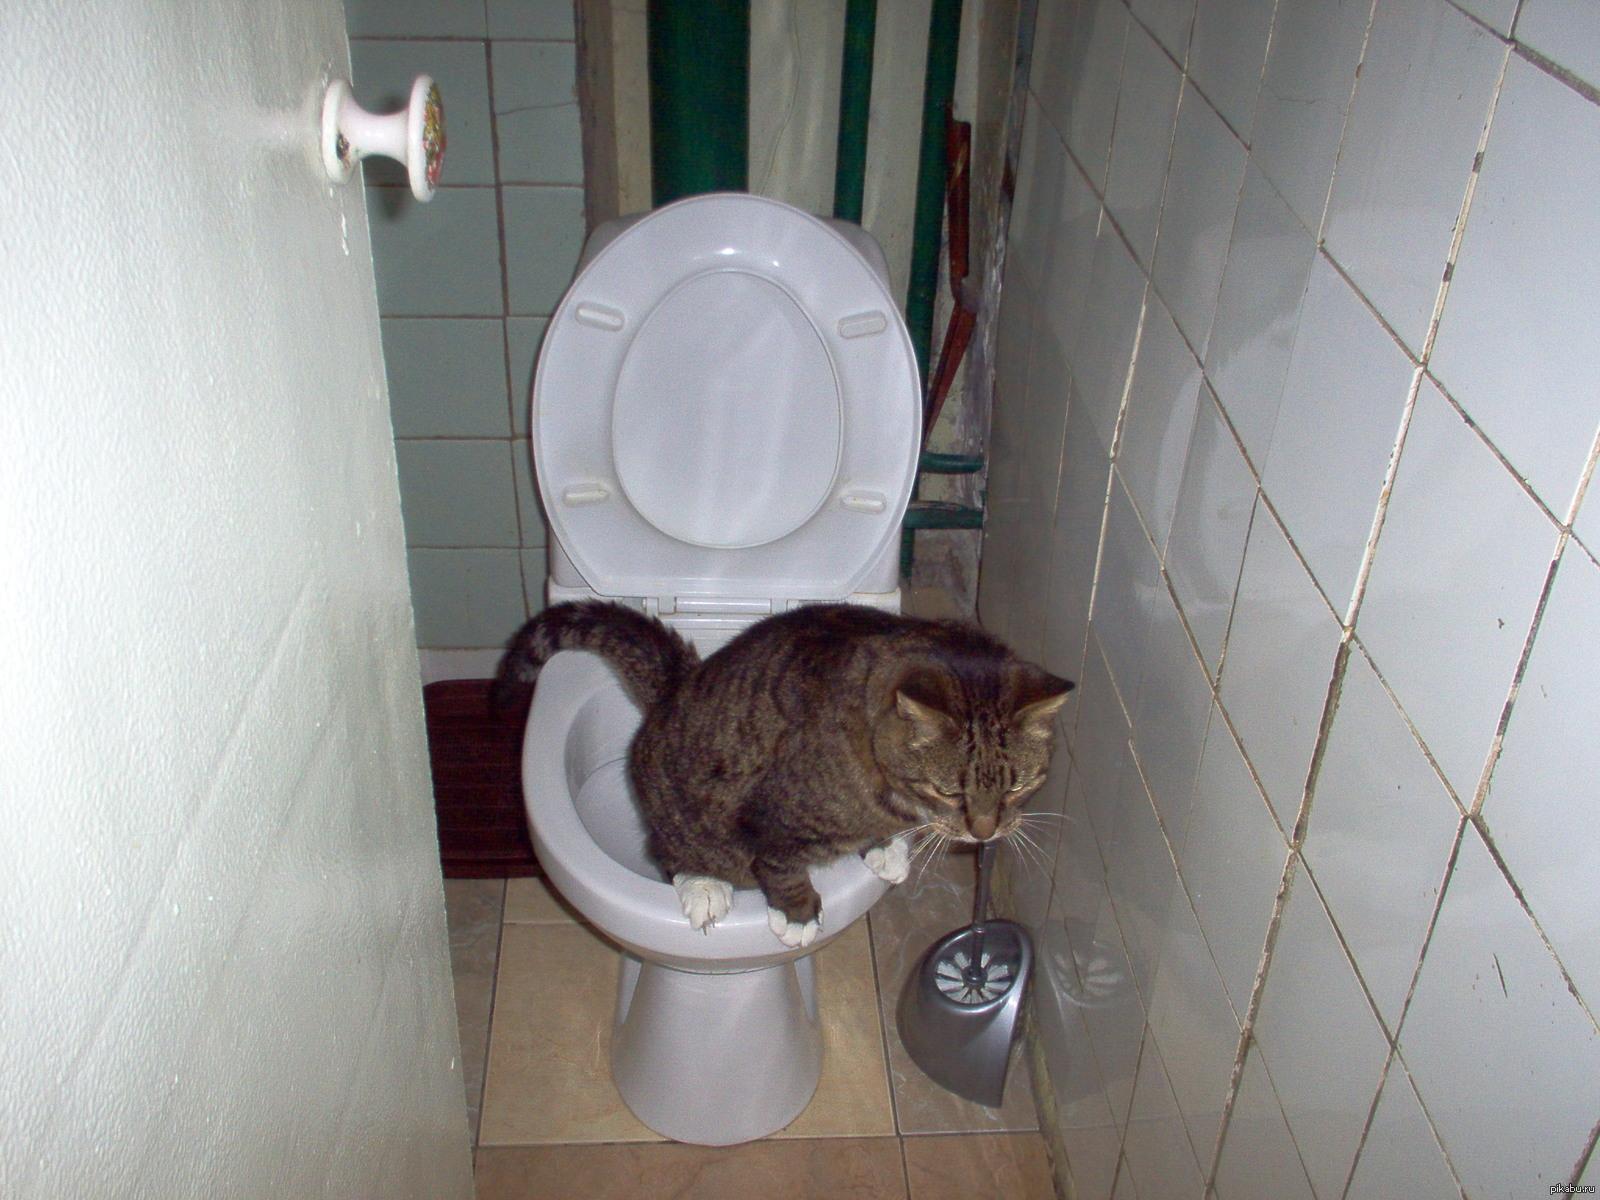 Долго хожу в туалет по большому что